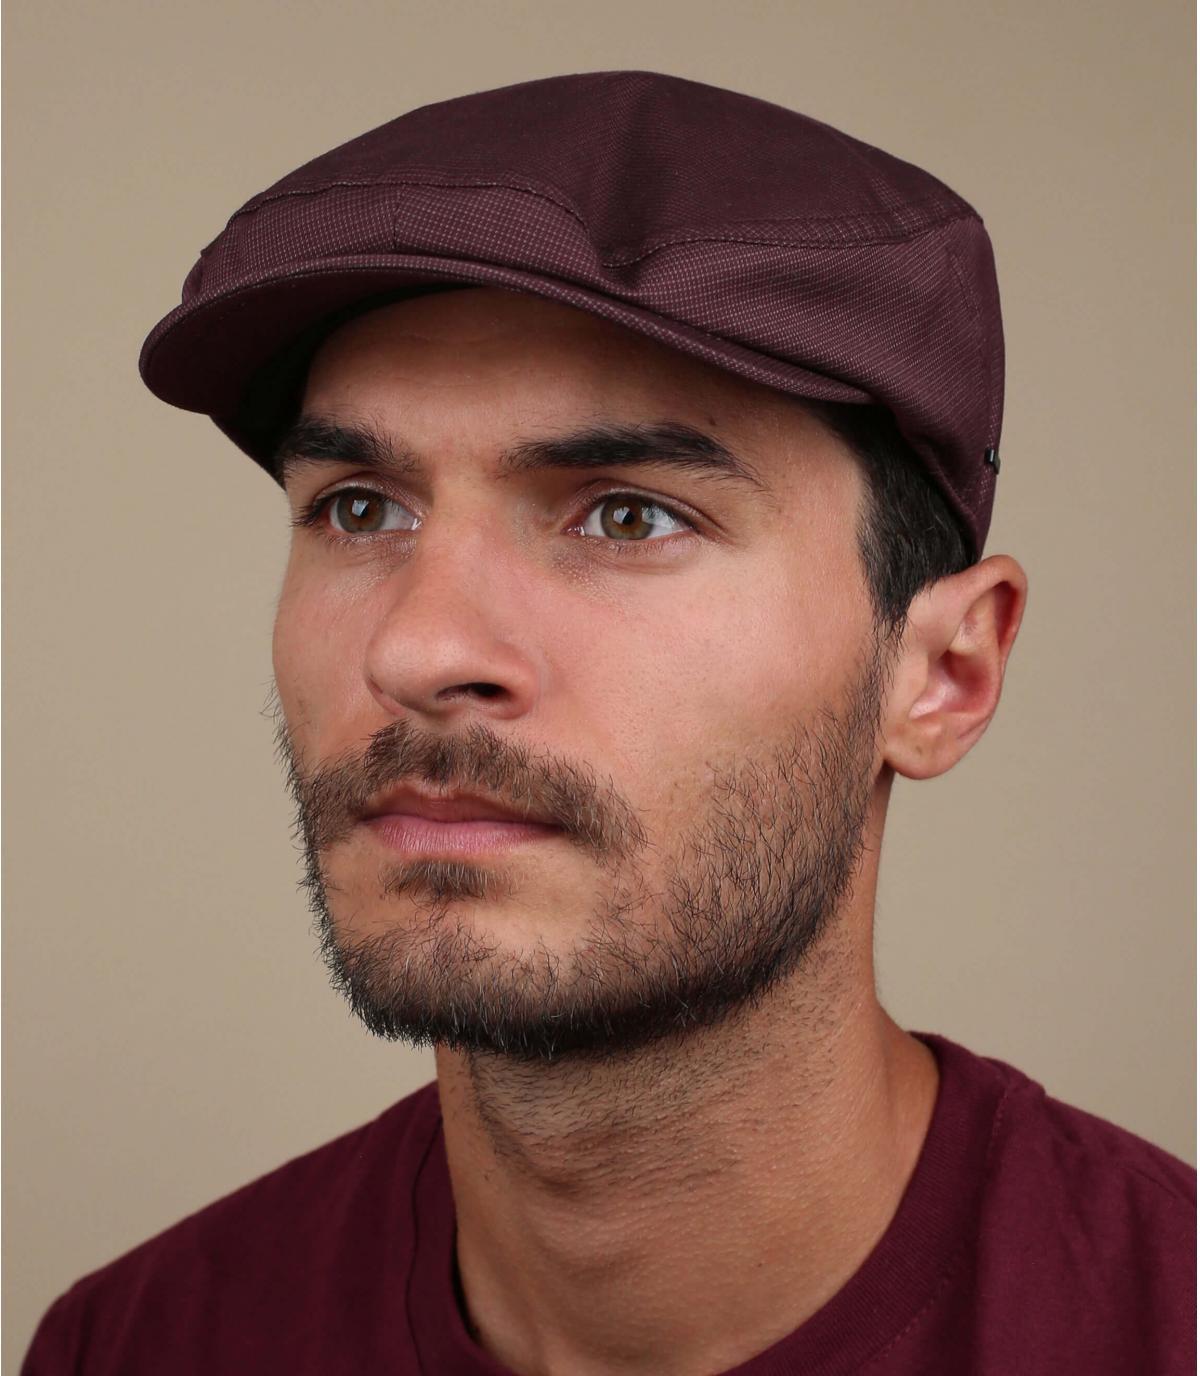 vestingmuur Bourgondië baret